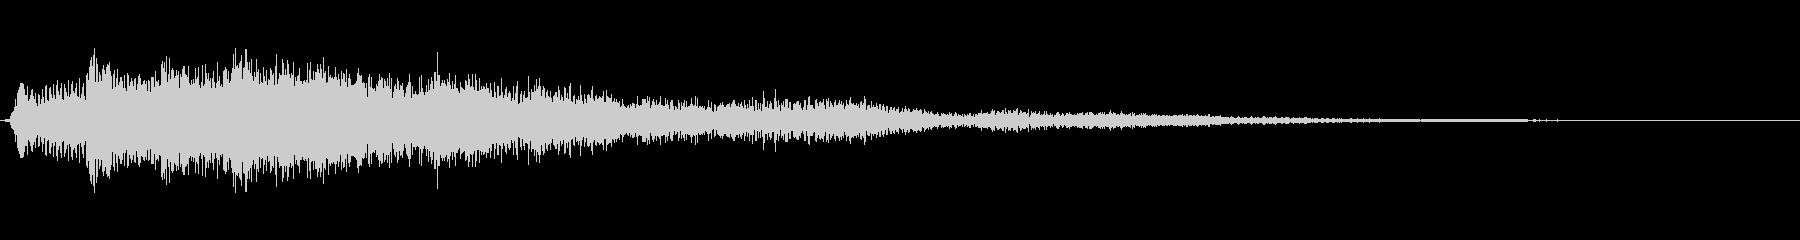 サウンドロゴ想定クールなエレキギター3の未再生の波形